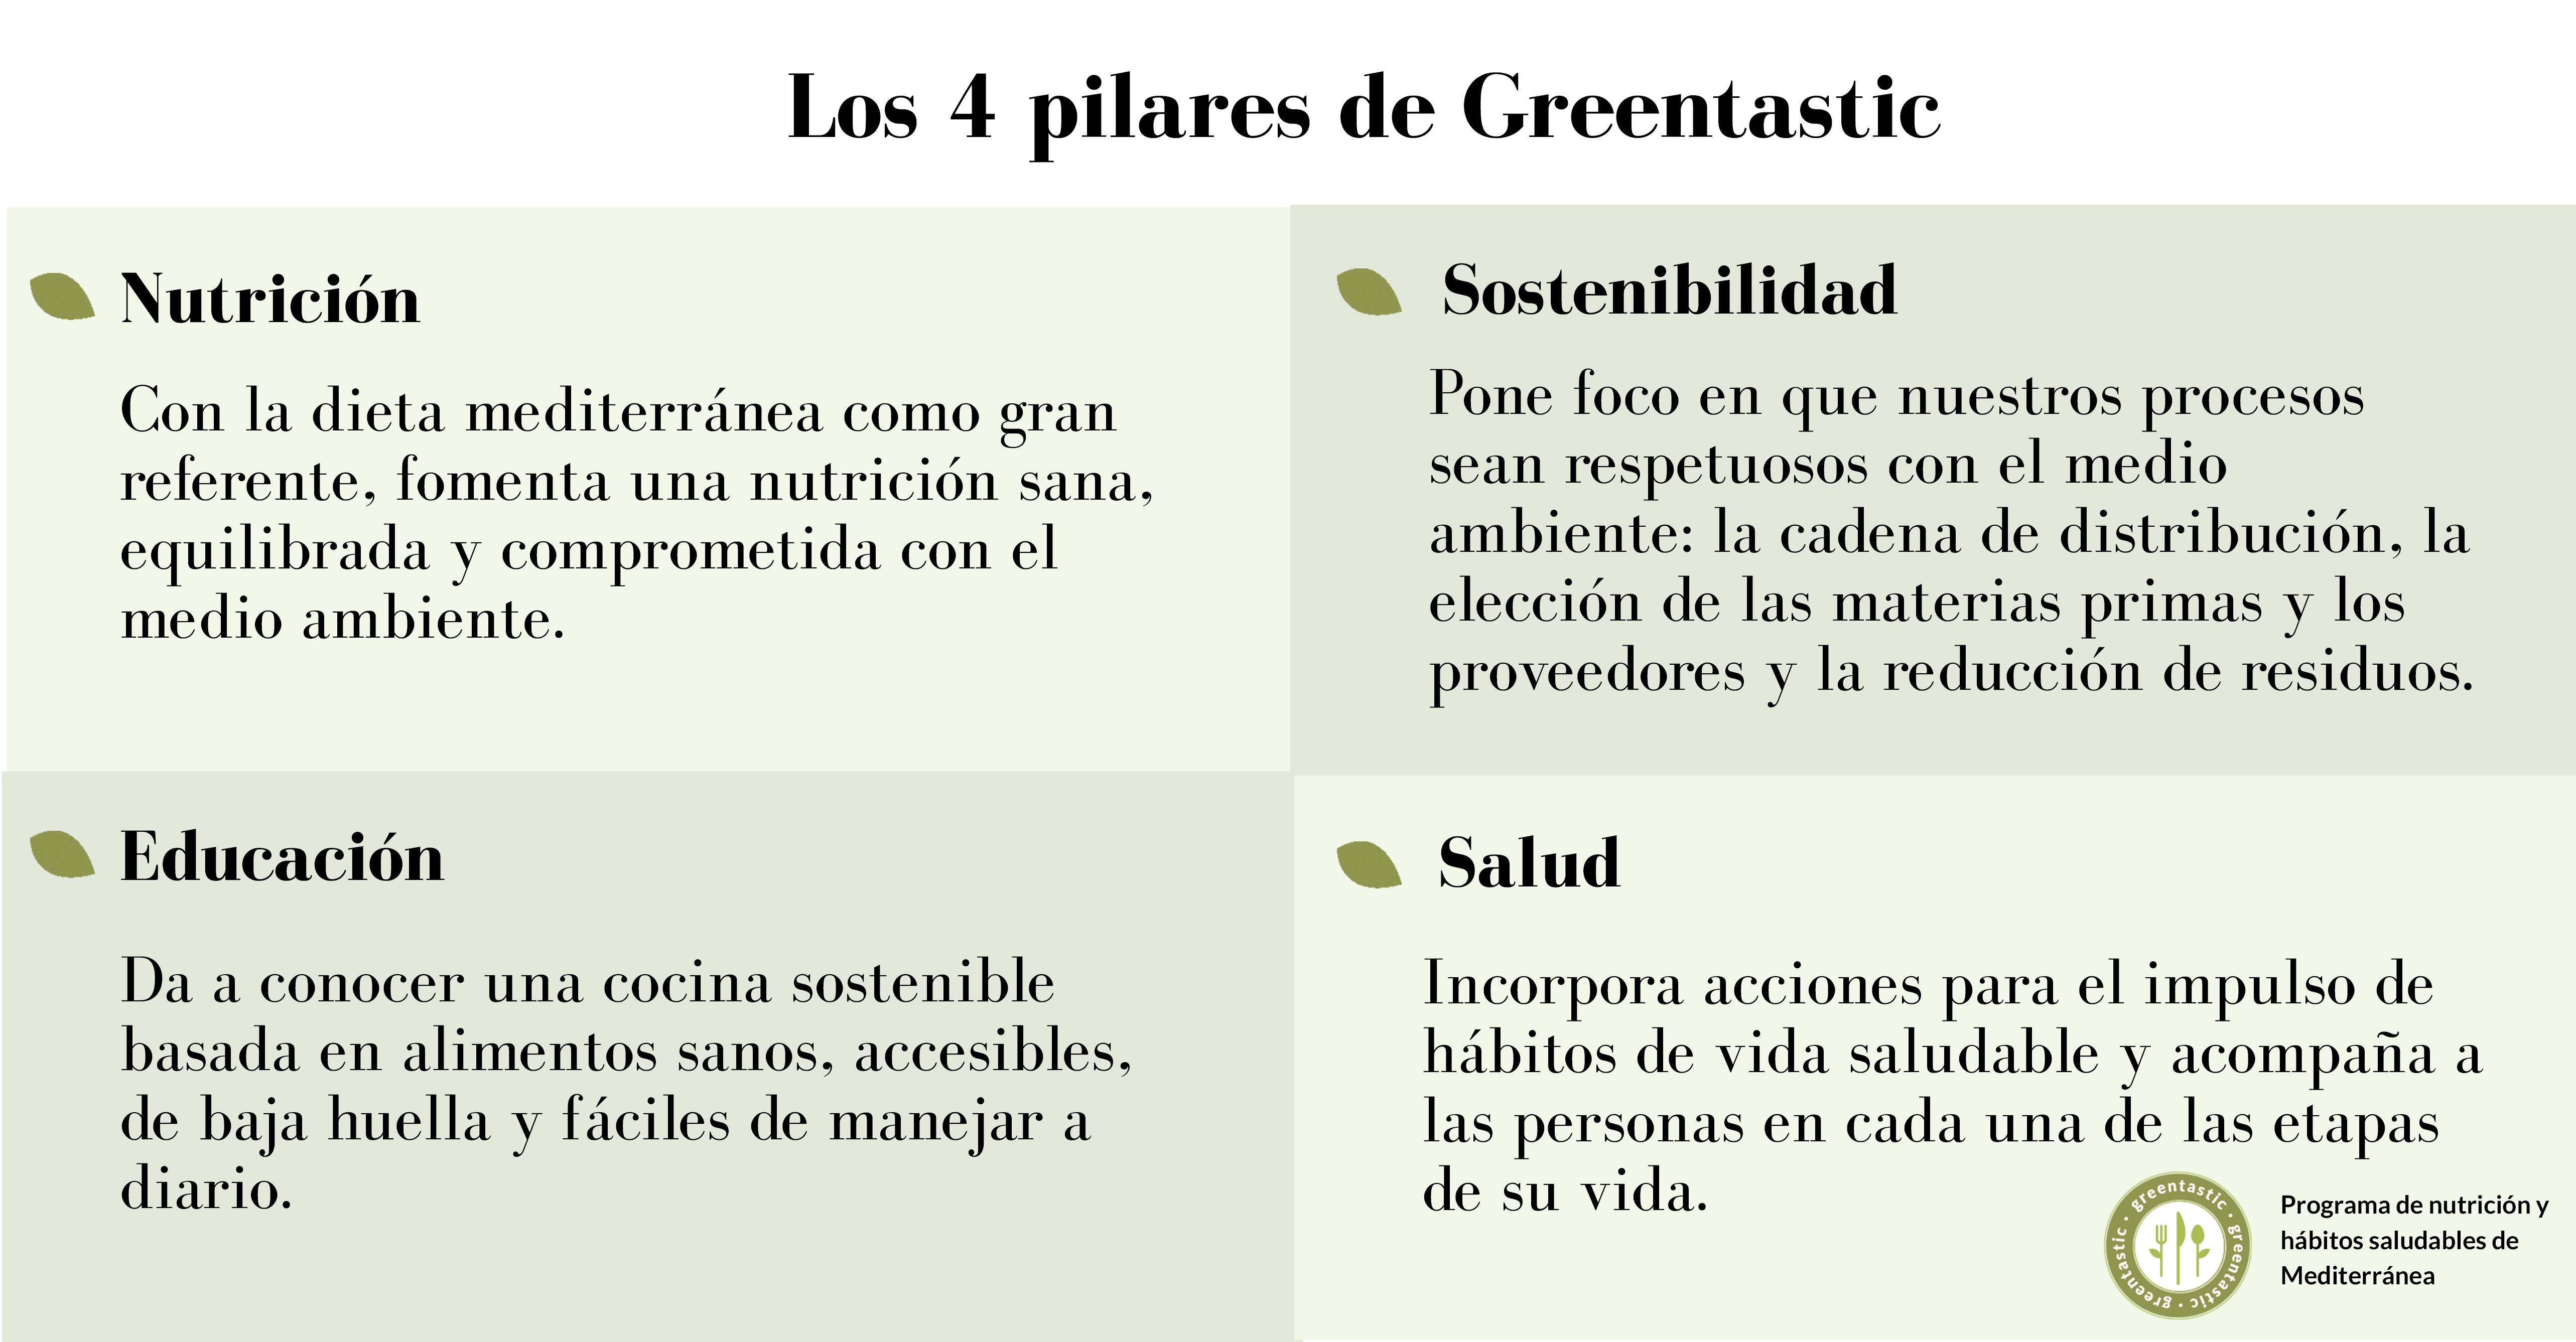 Lanzamos el Programa de Nutrición y Hábitos Saludables del Grupo Mediterránea: Greentastic